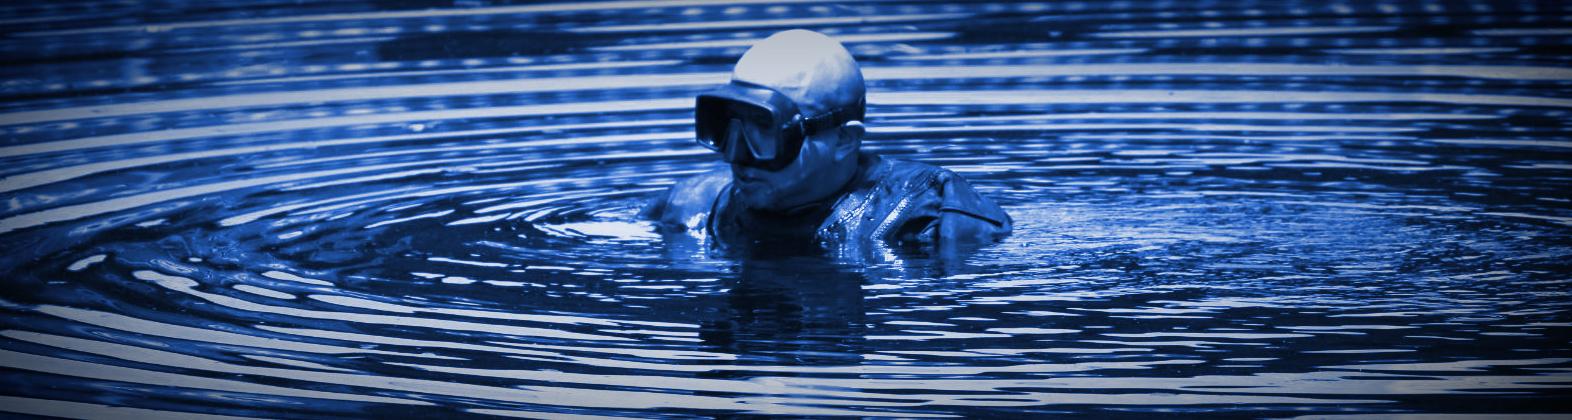 Dive Team 1